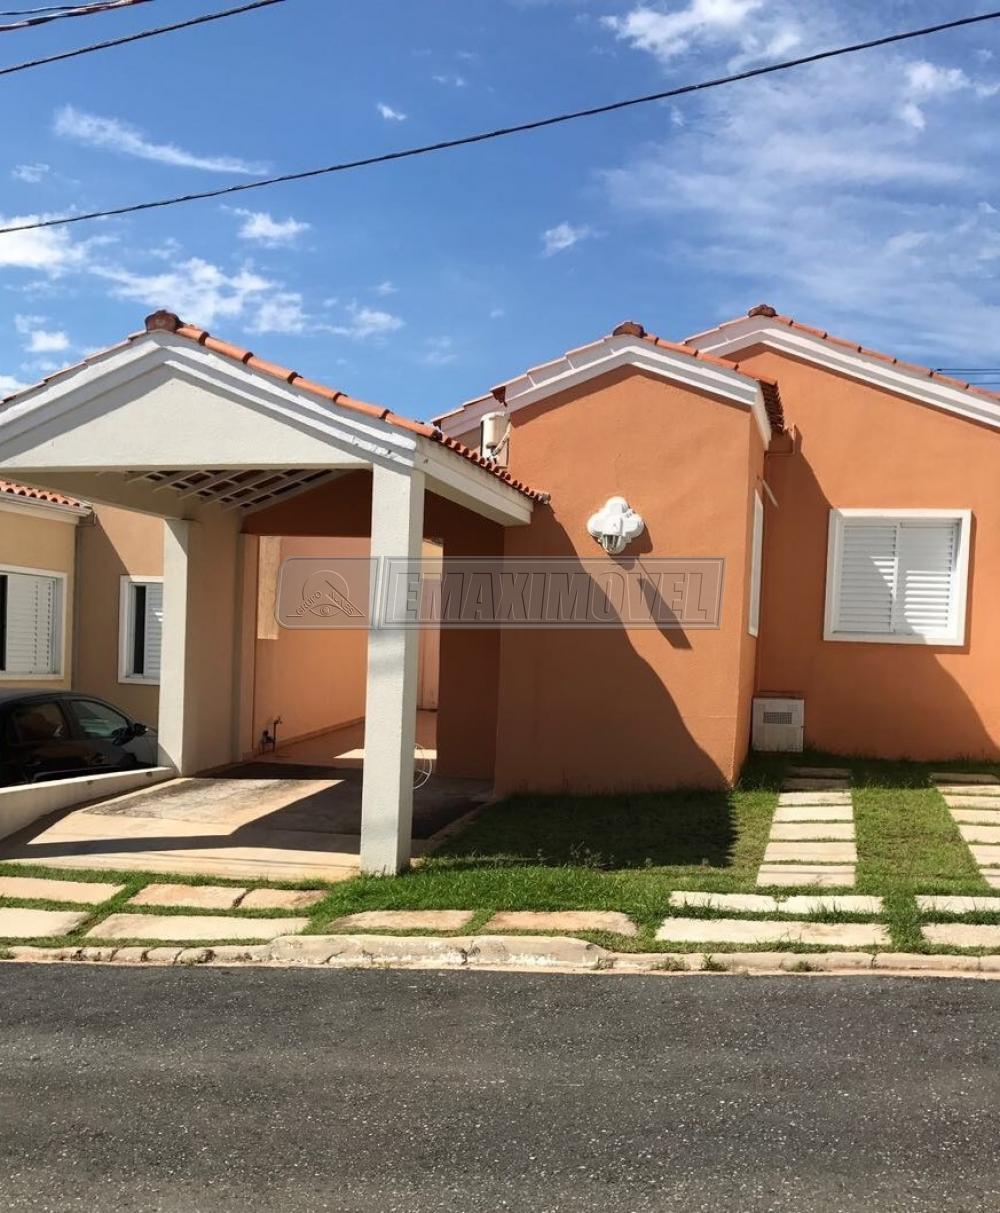 Comprar Casas / em Condomínios em Sorocaba. apenas R$ 400.000,00